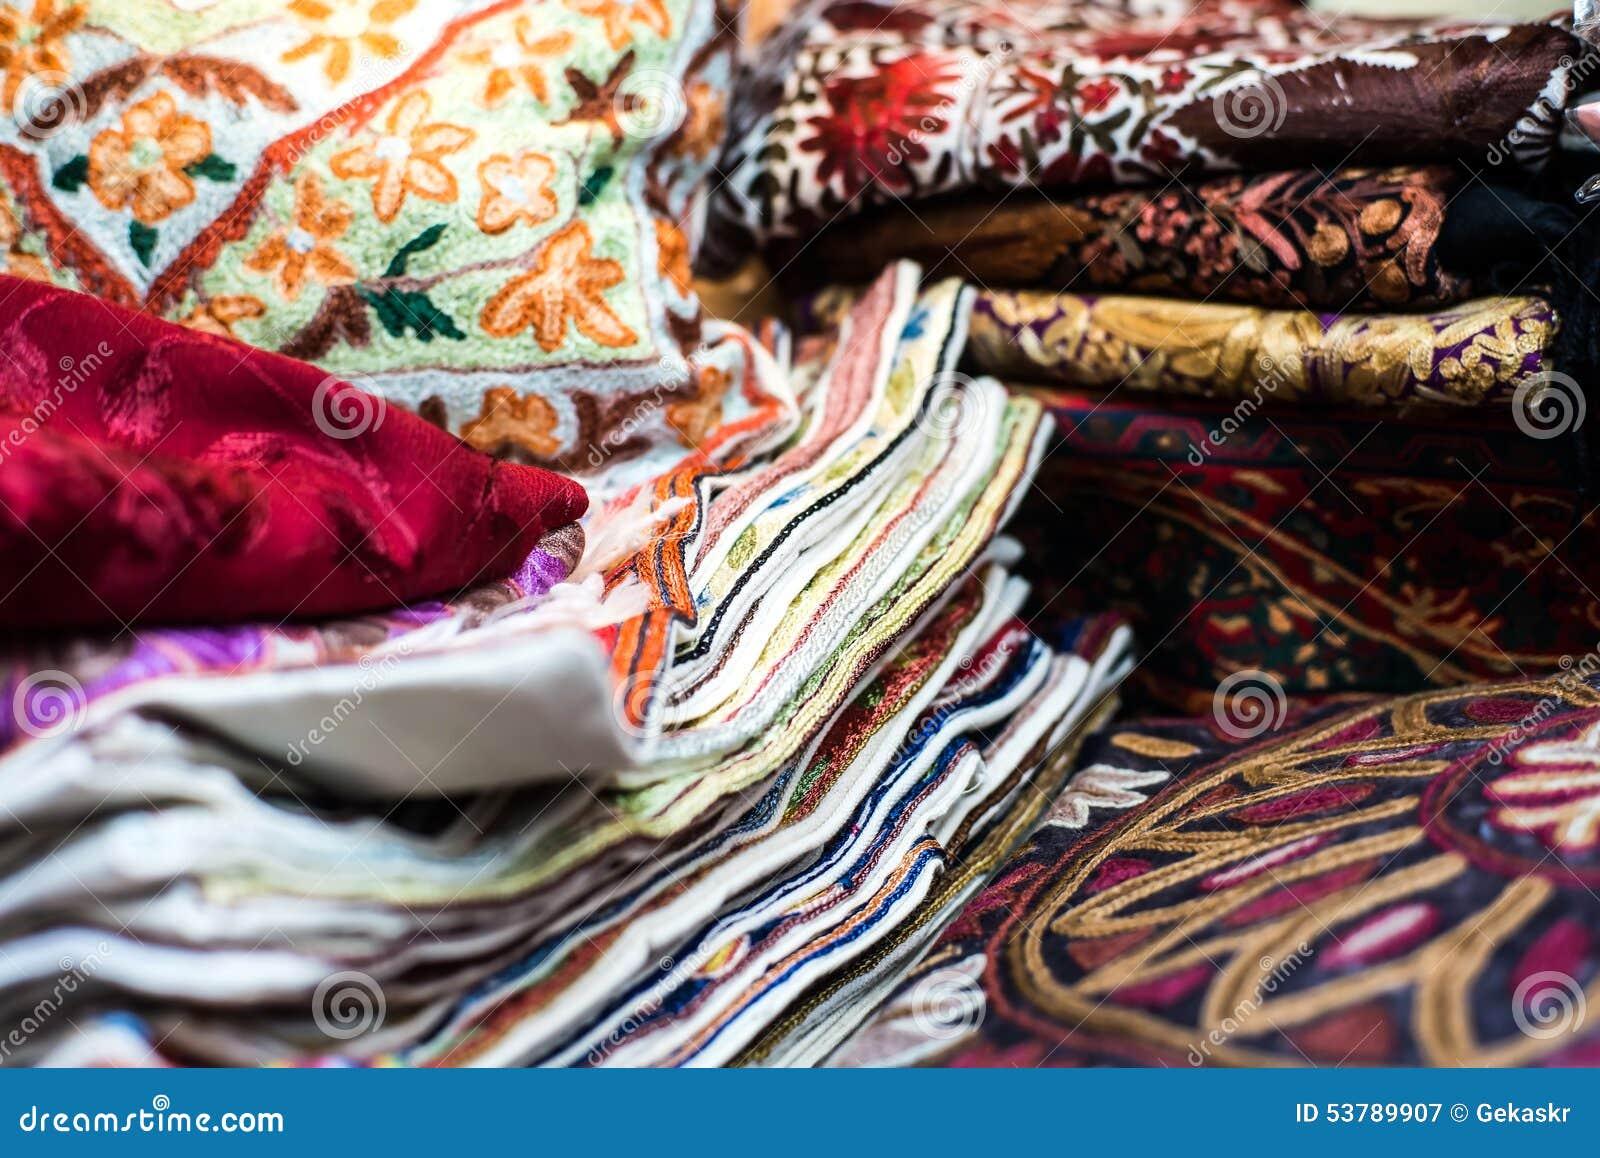 Tradycyjni Arabscy dywaniki